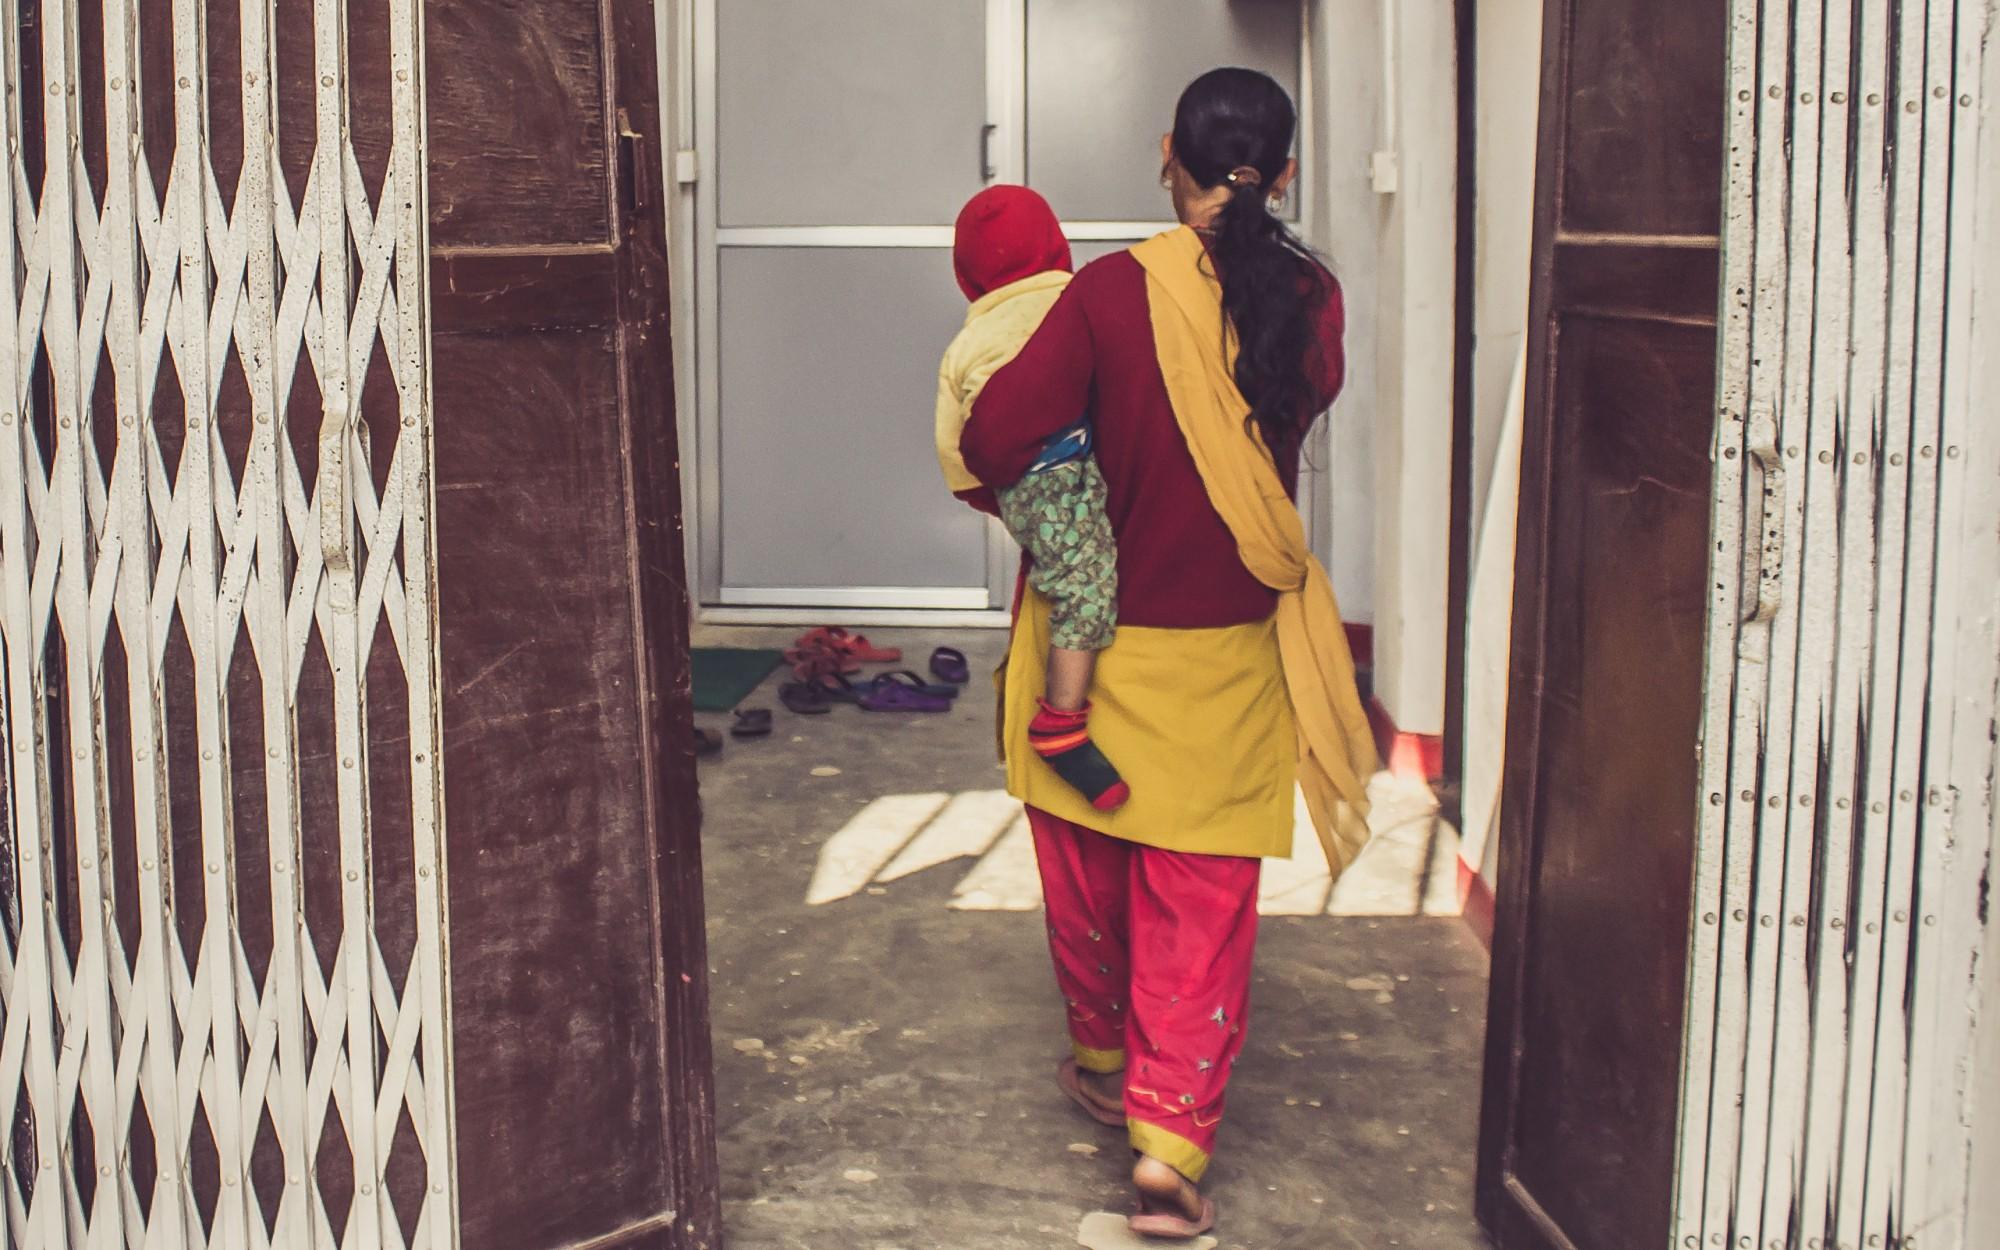 Tackling gender-based violence in Nepal